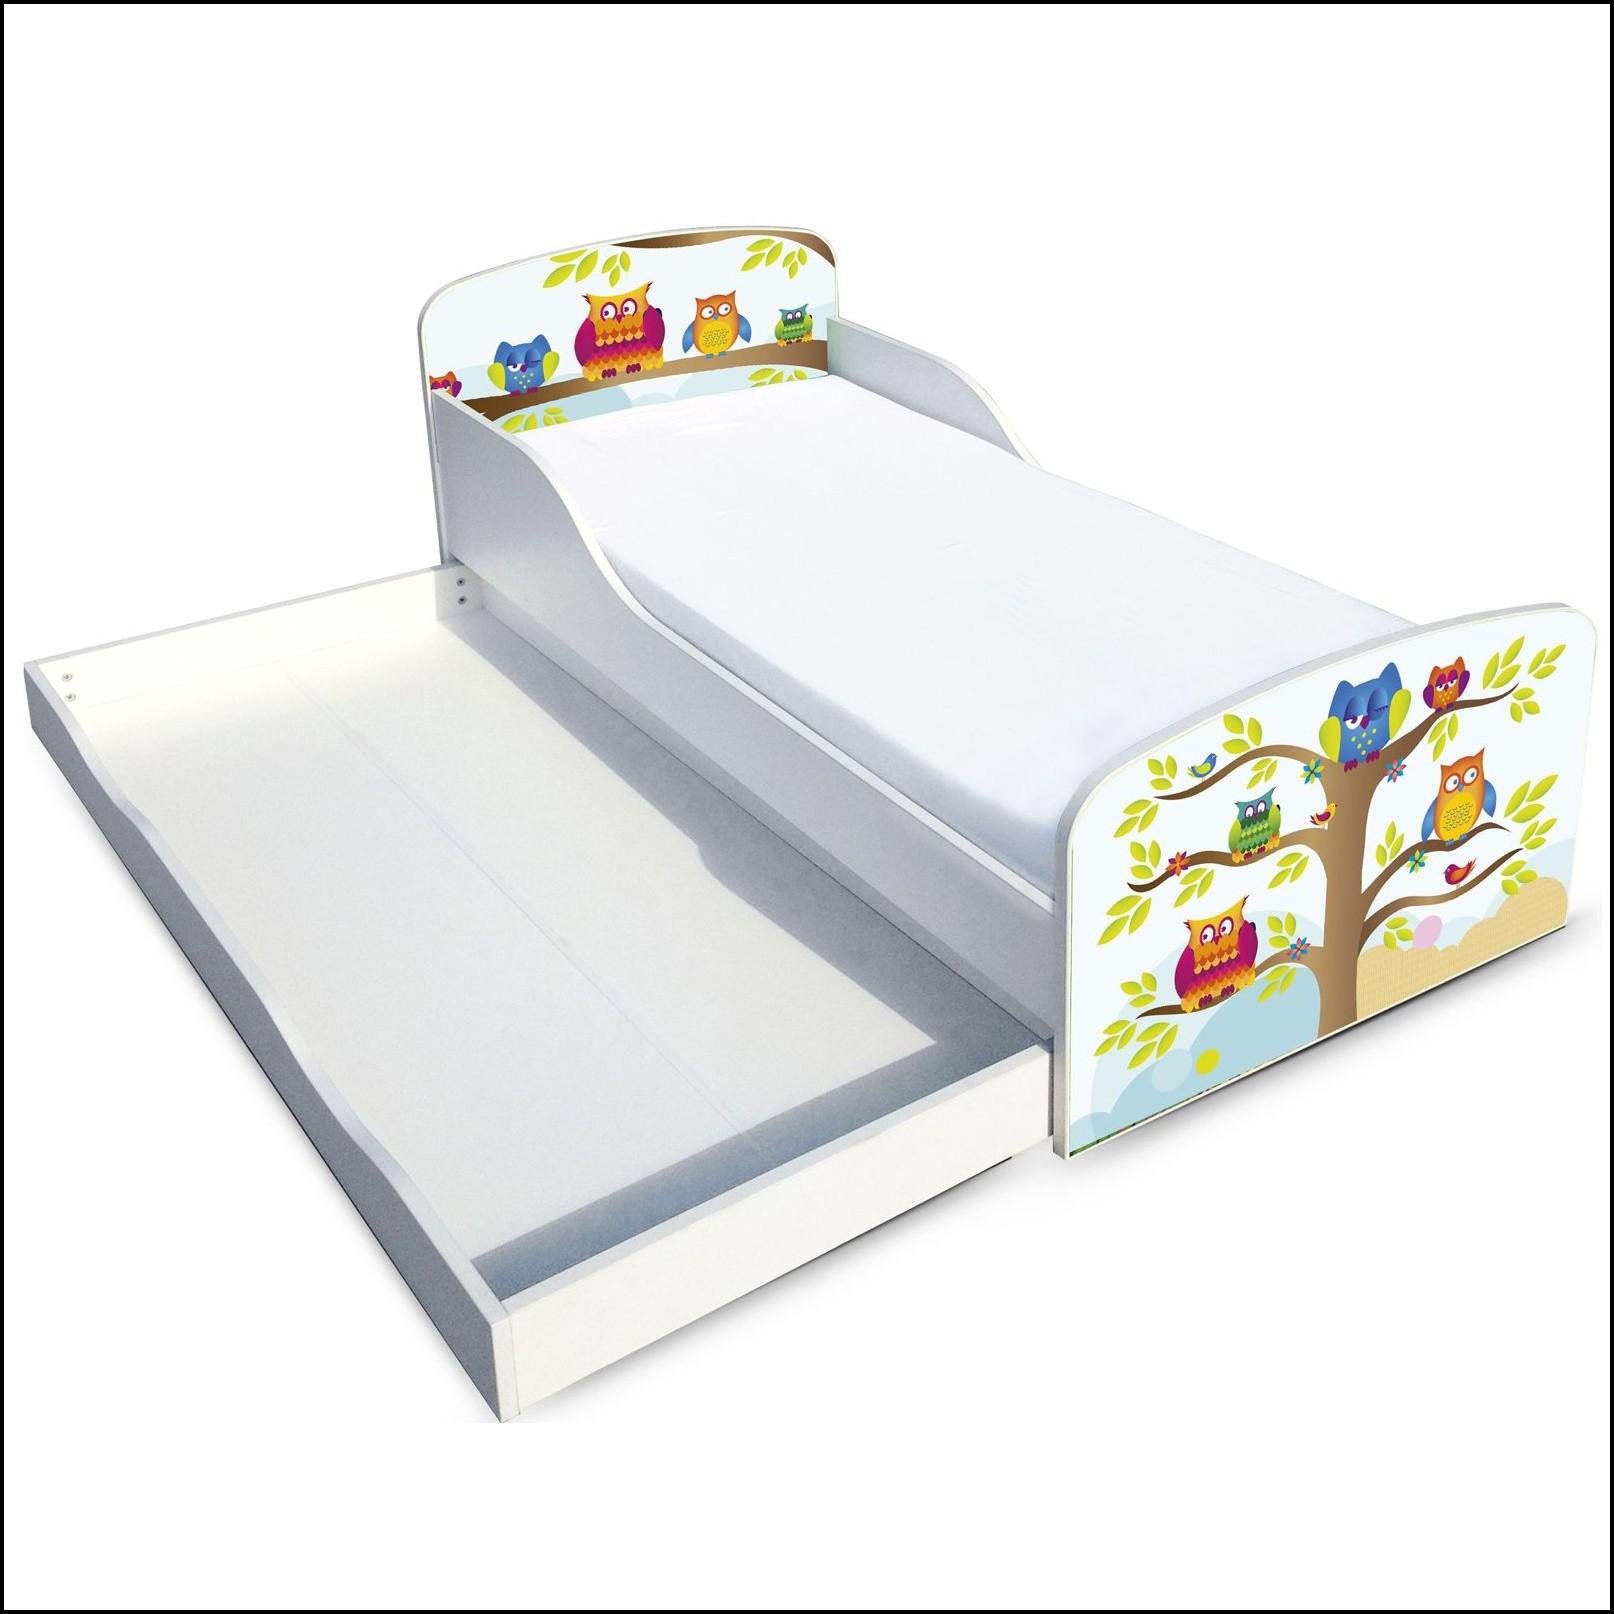 Bett Mit Unterbett Ikea